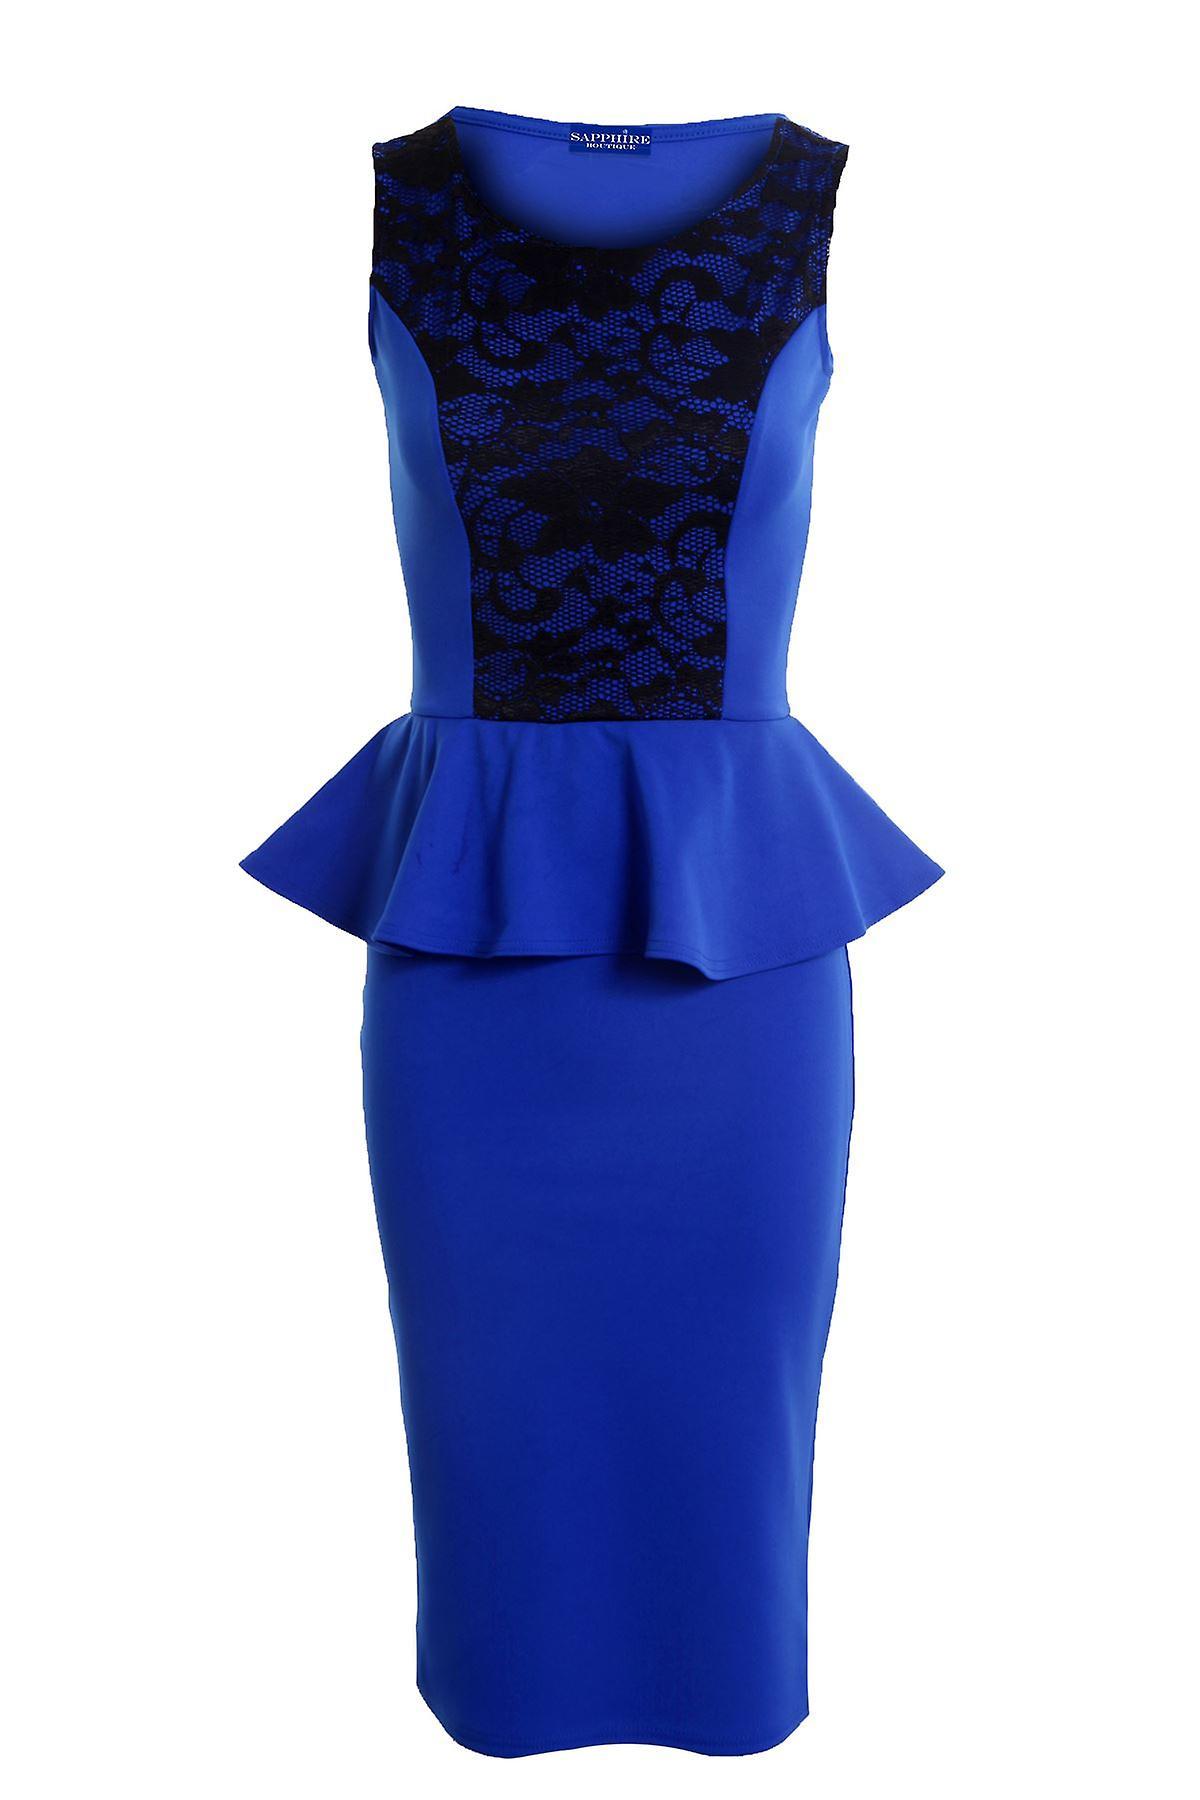 Uusi Naisten hihaton verkko lisää Peplum Nauha kukka kuvio naisten Bodycon mekko